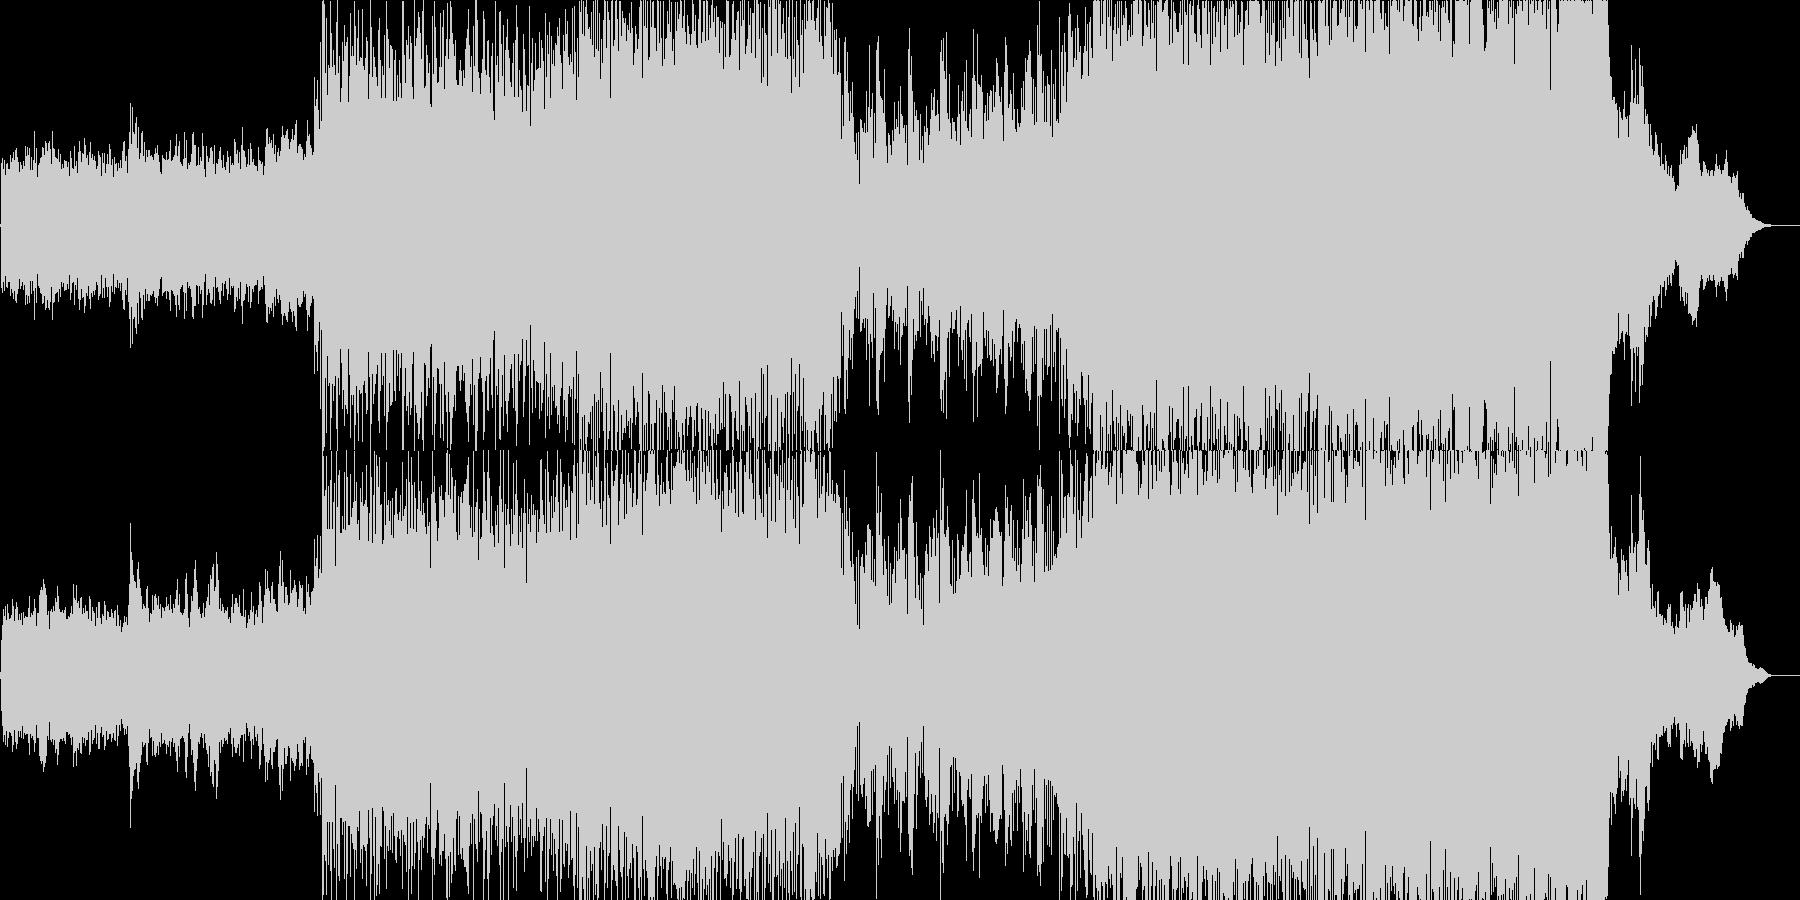 トレイラー調のハイブリットオーケスラ曲の未再生の波形